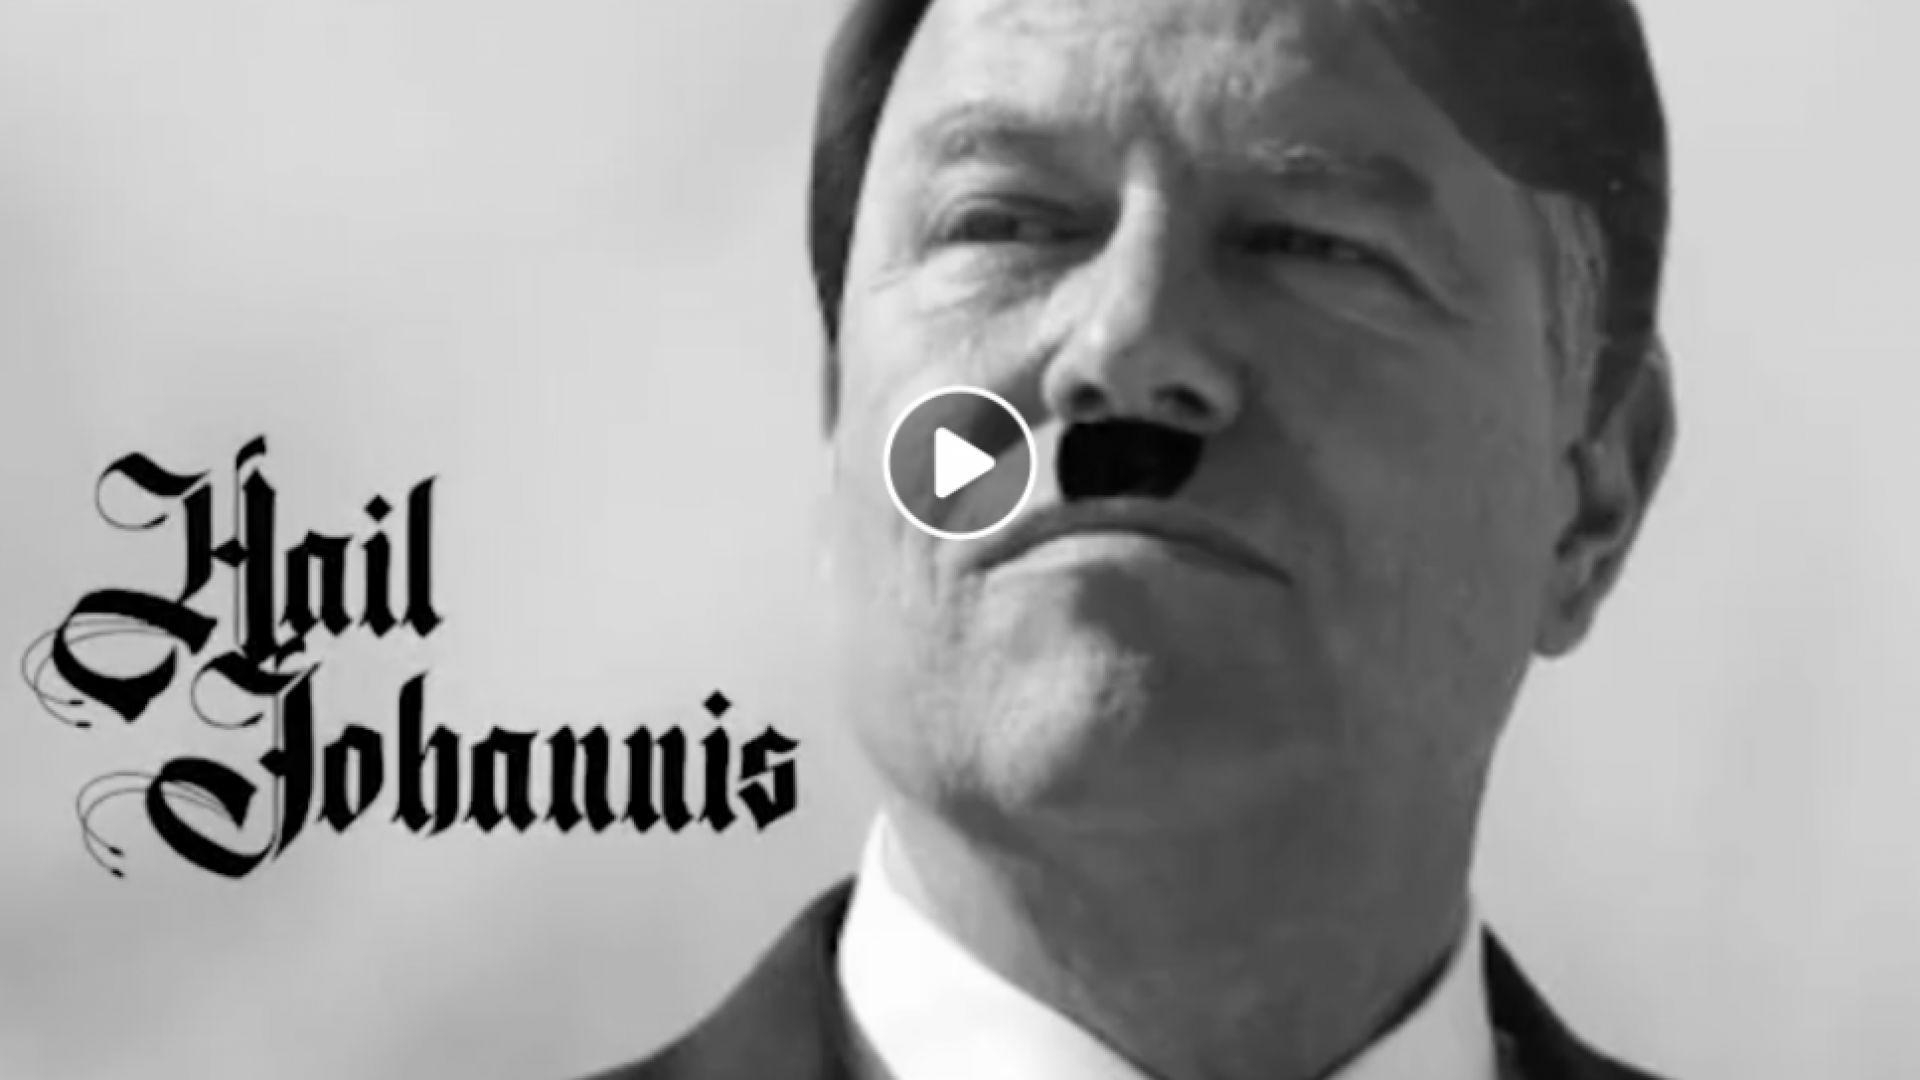 Скандал в Румъния - правителствен съветник прави фотомонтаж на президента като Хитлер